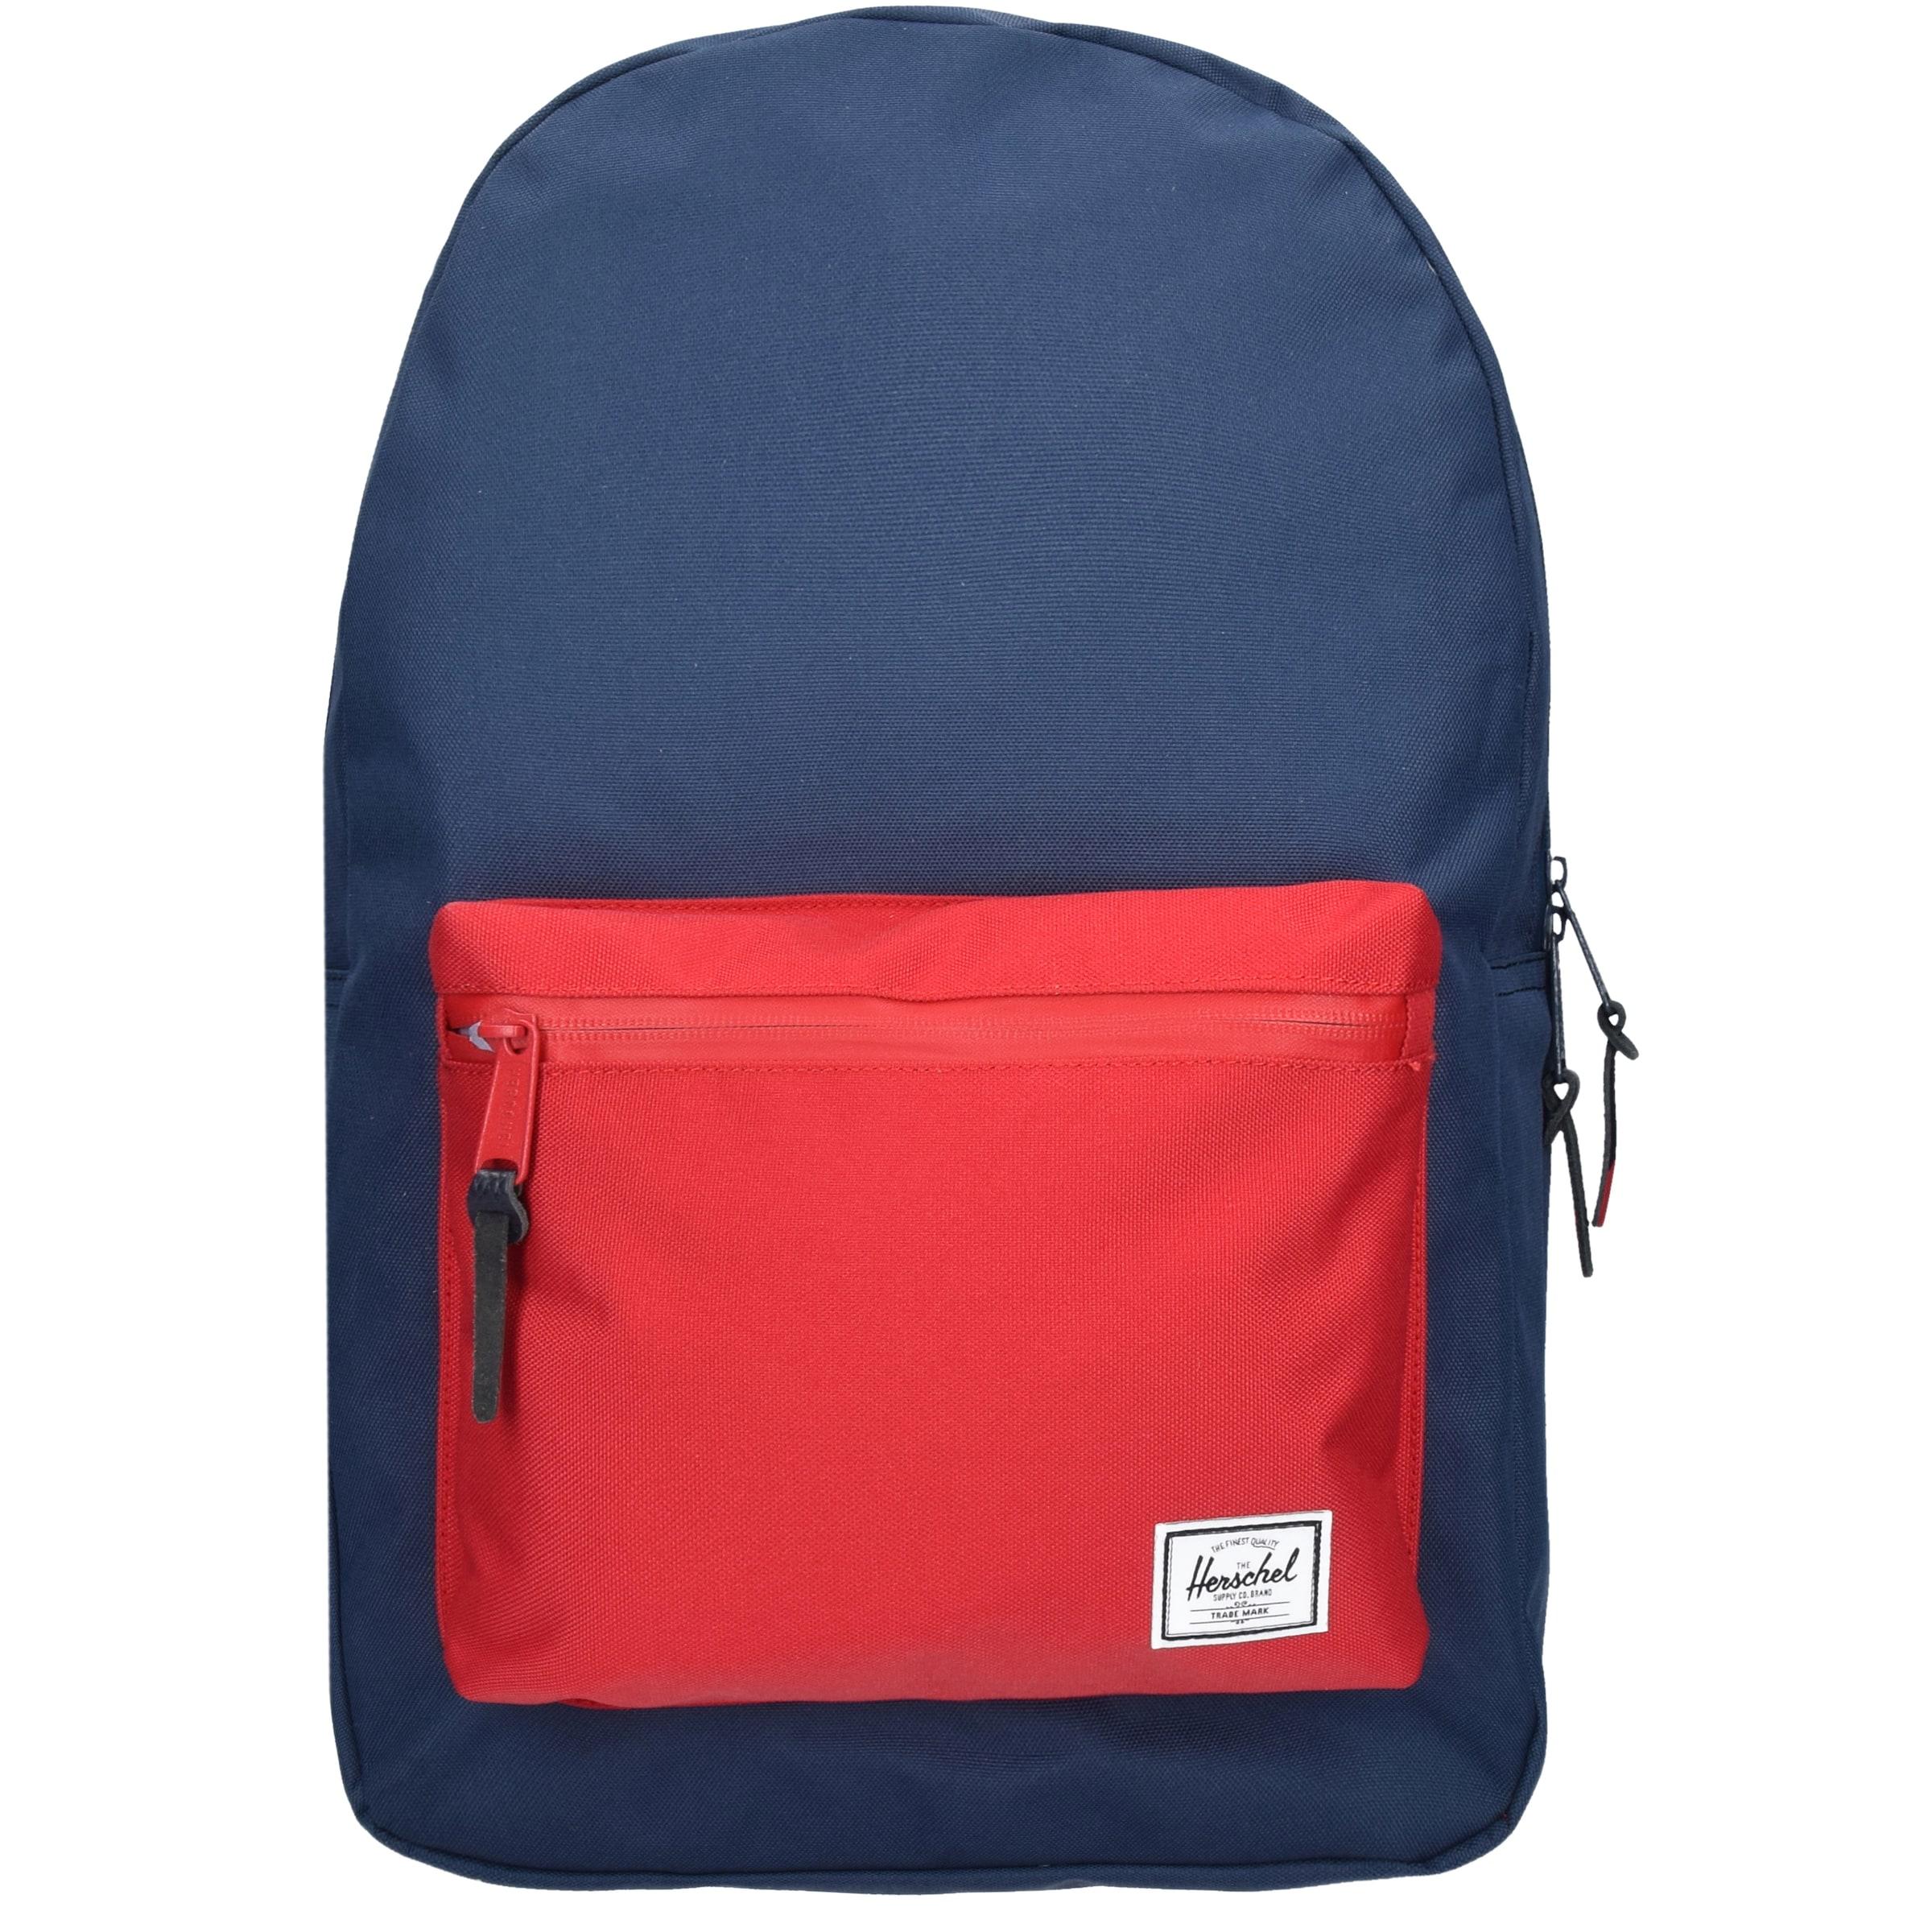 Herschel Settlement Backpack Rucksack 44 cm Laptopfach Verkauf Truhe Finish 6PdiH8NQS